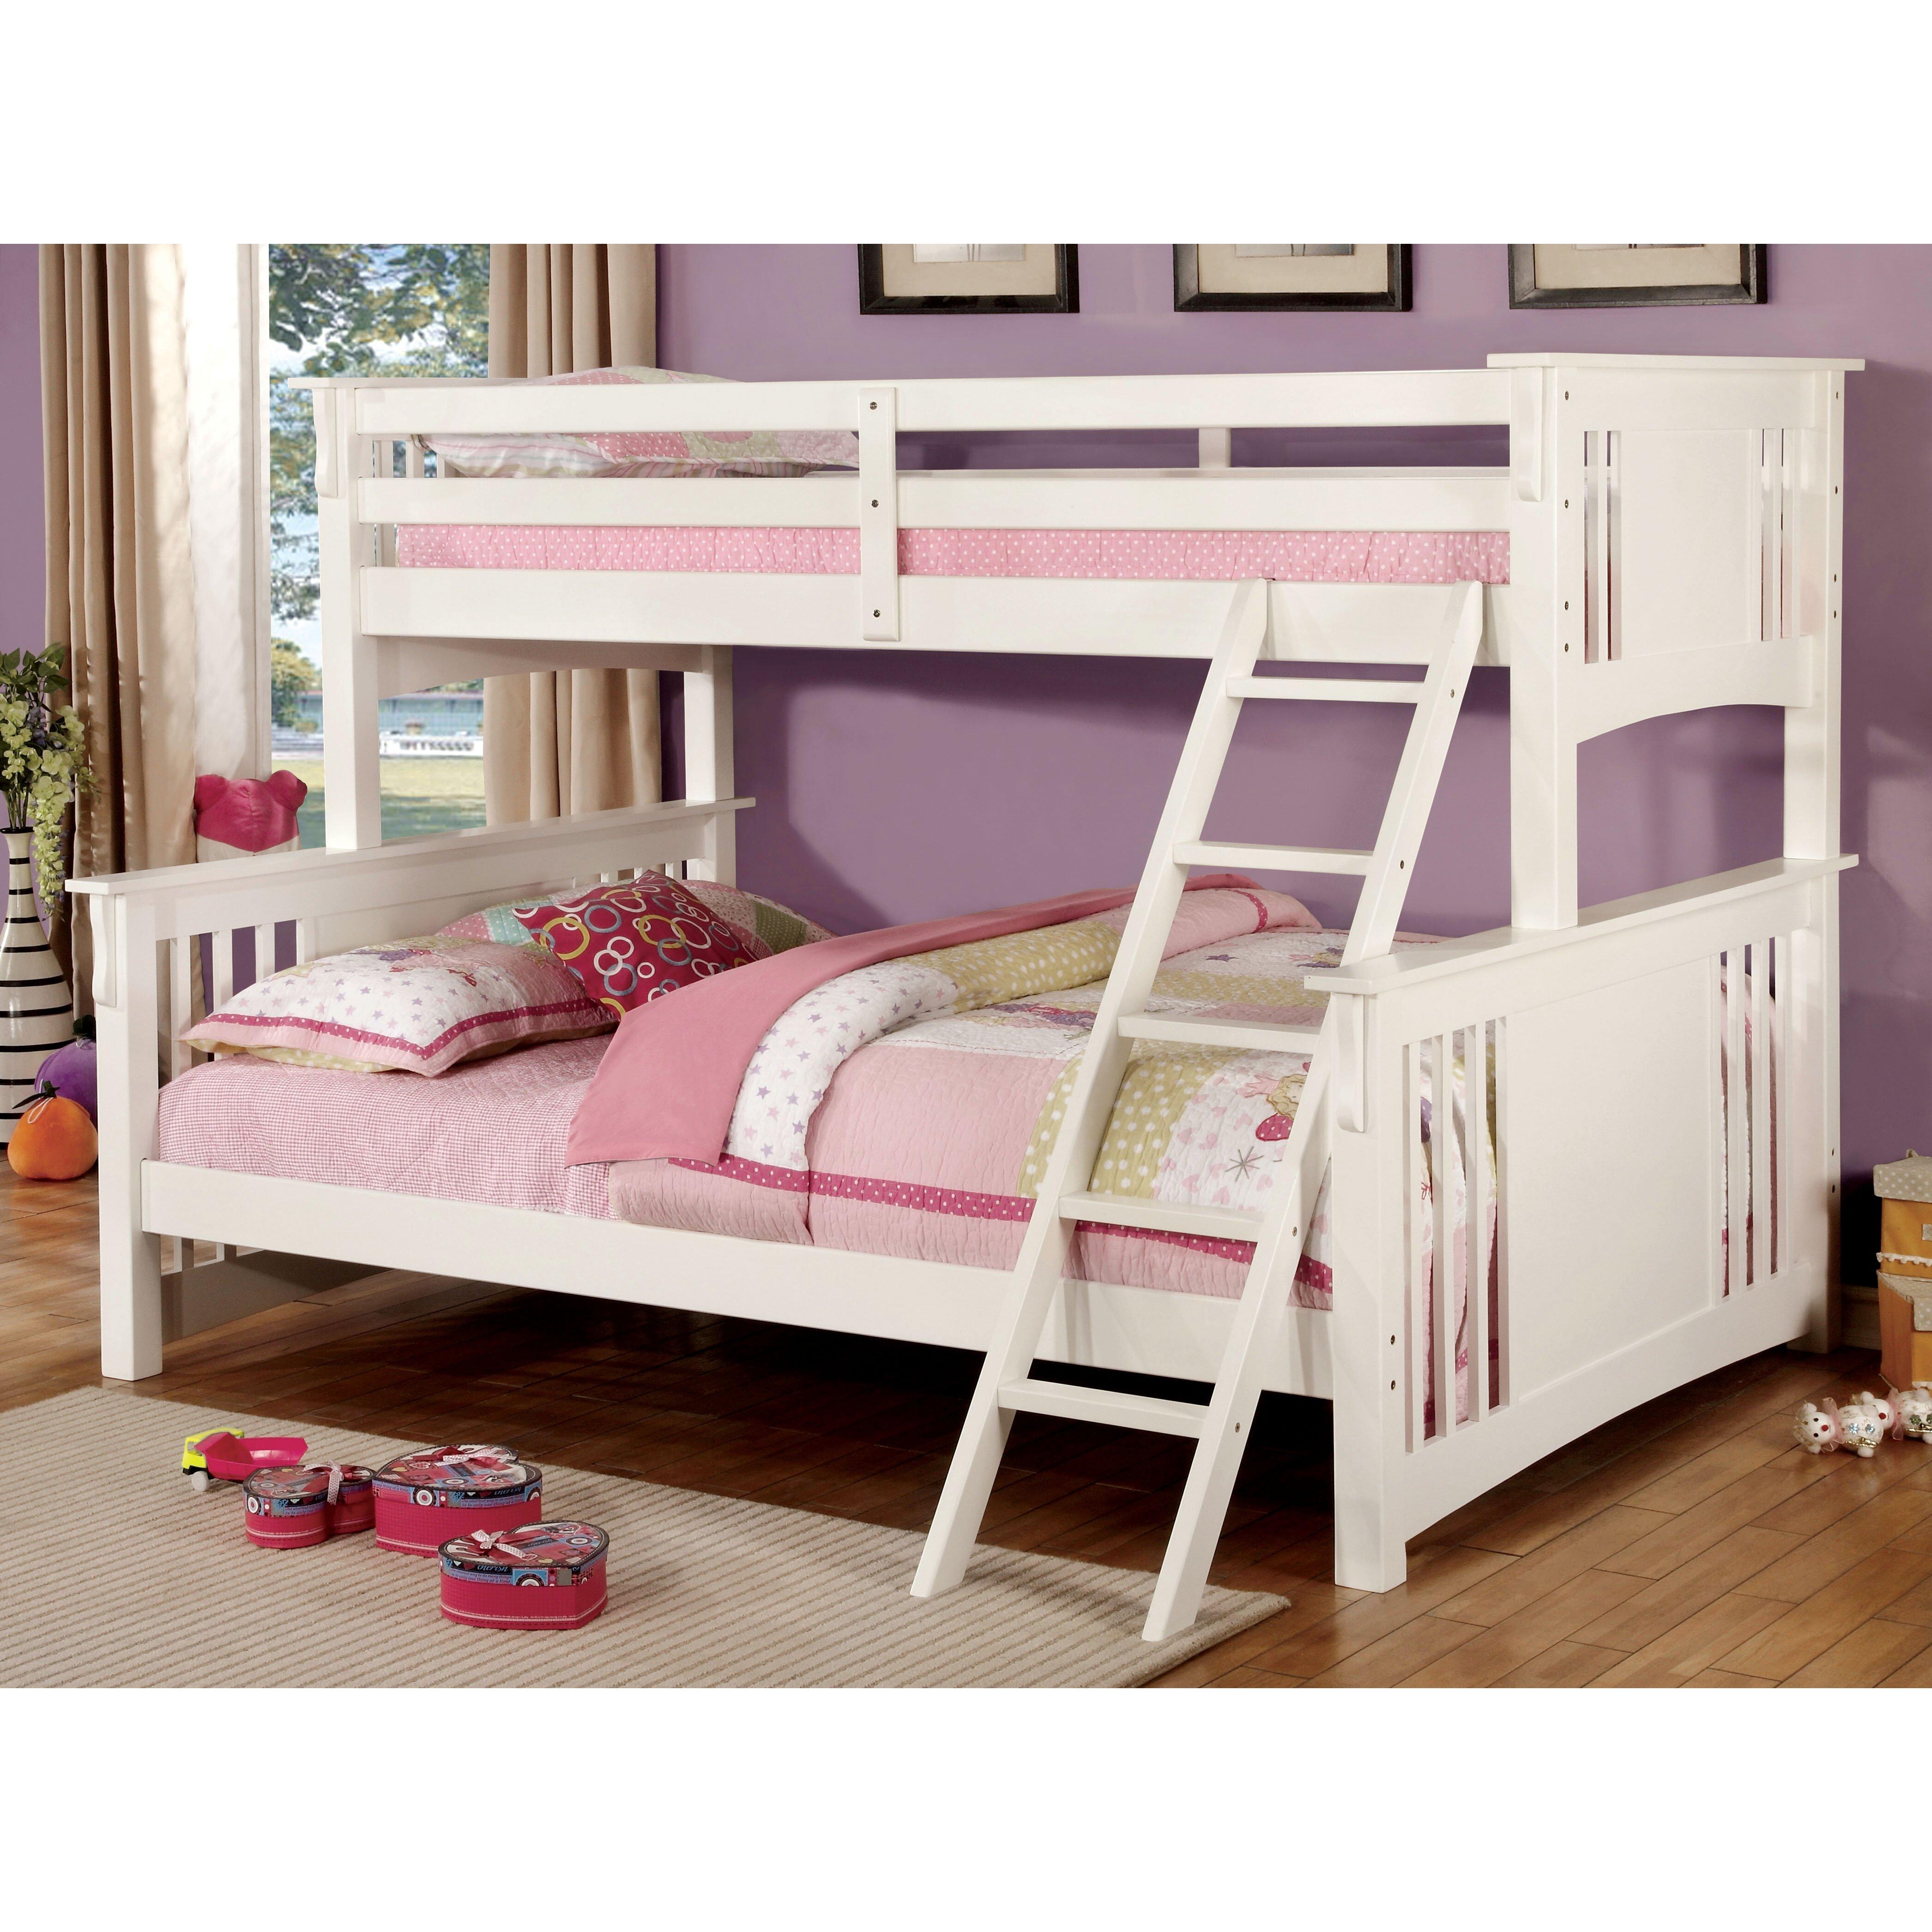 Lakeland mills twin over queen bunk bed amp reviews wayfair - Hokku Designs Spring Twin Over Queen Futon Bunk Bed